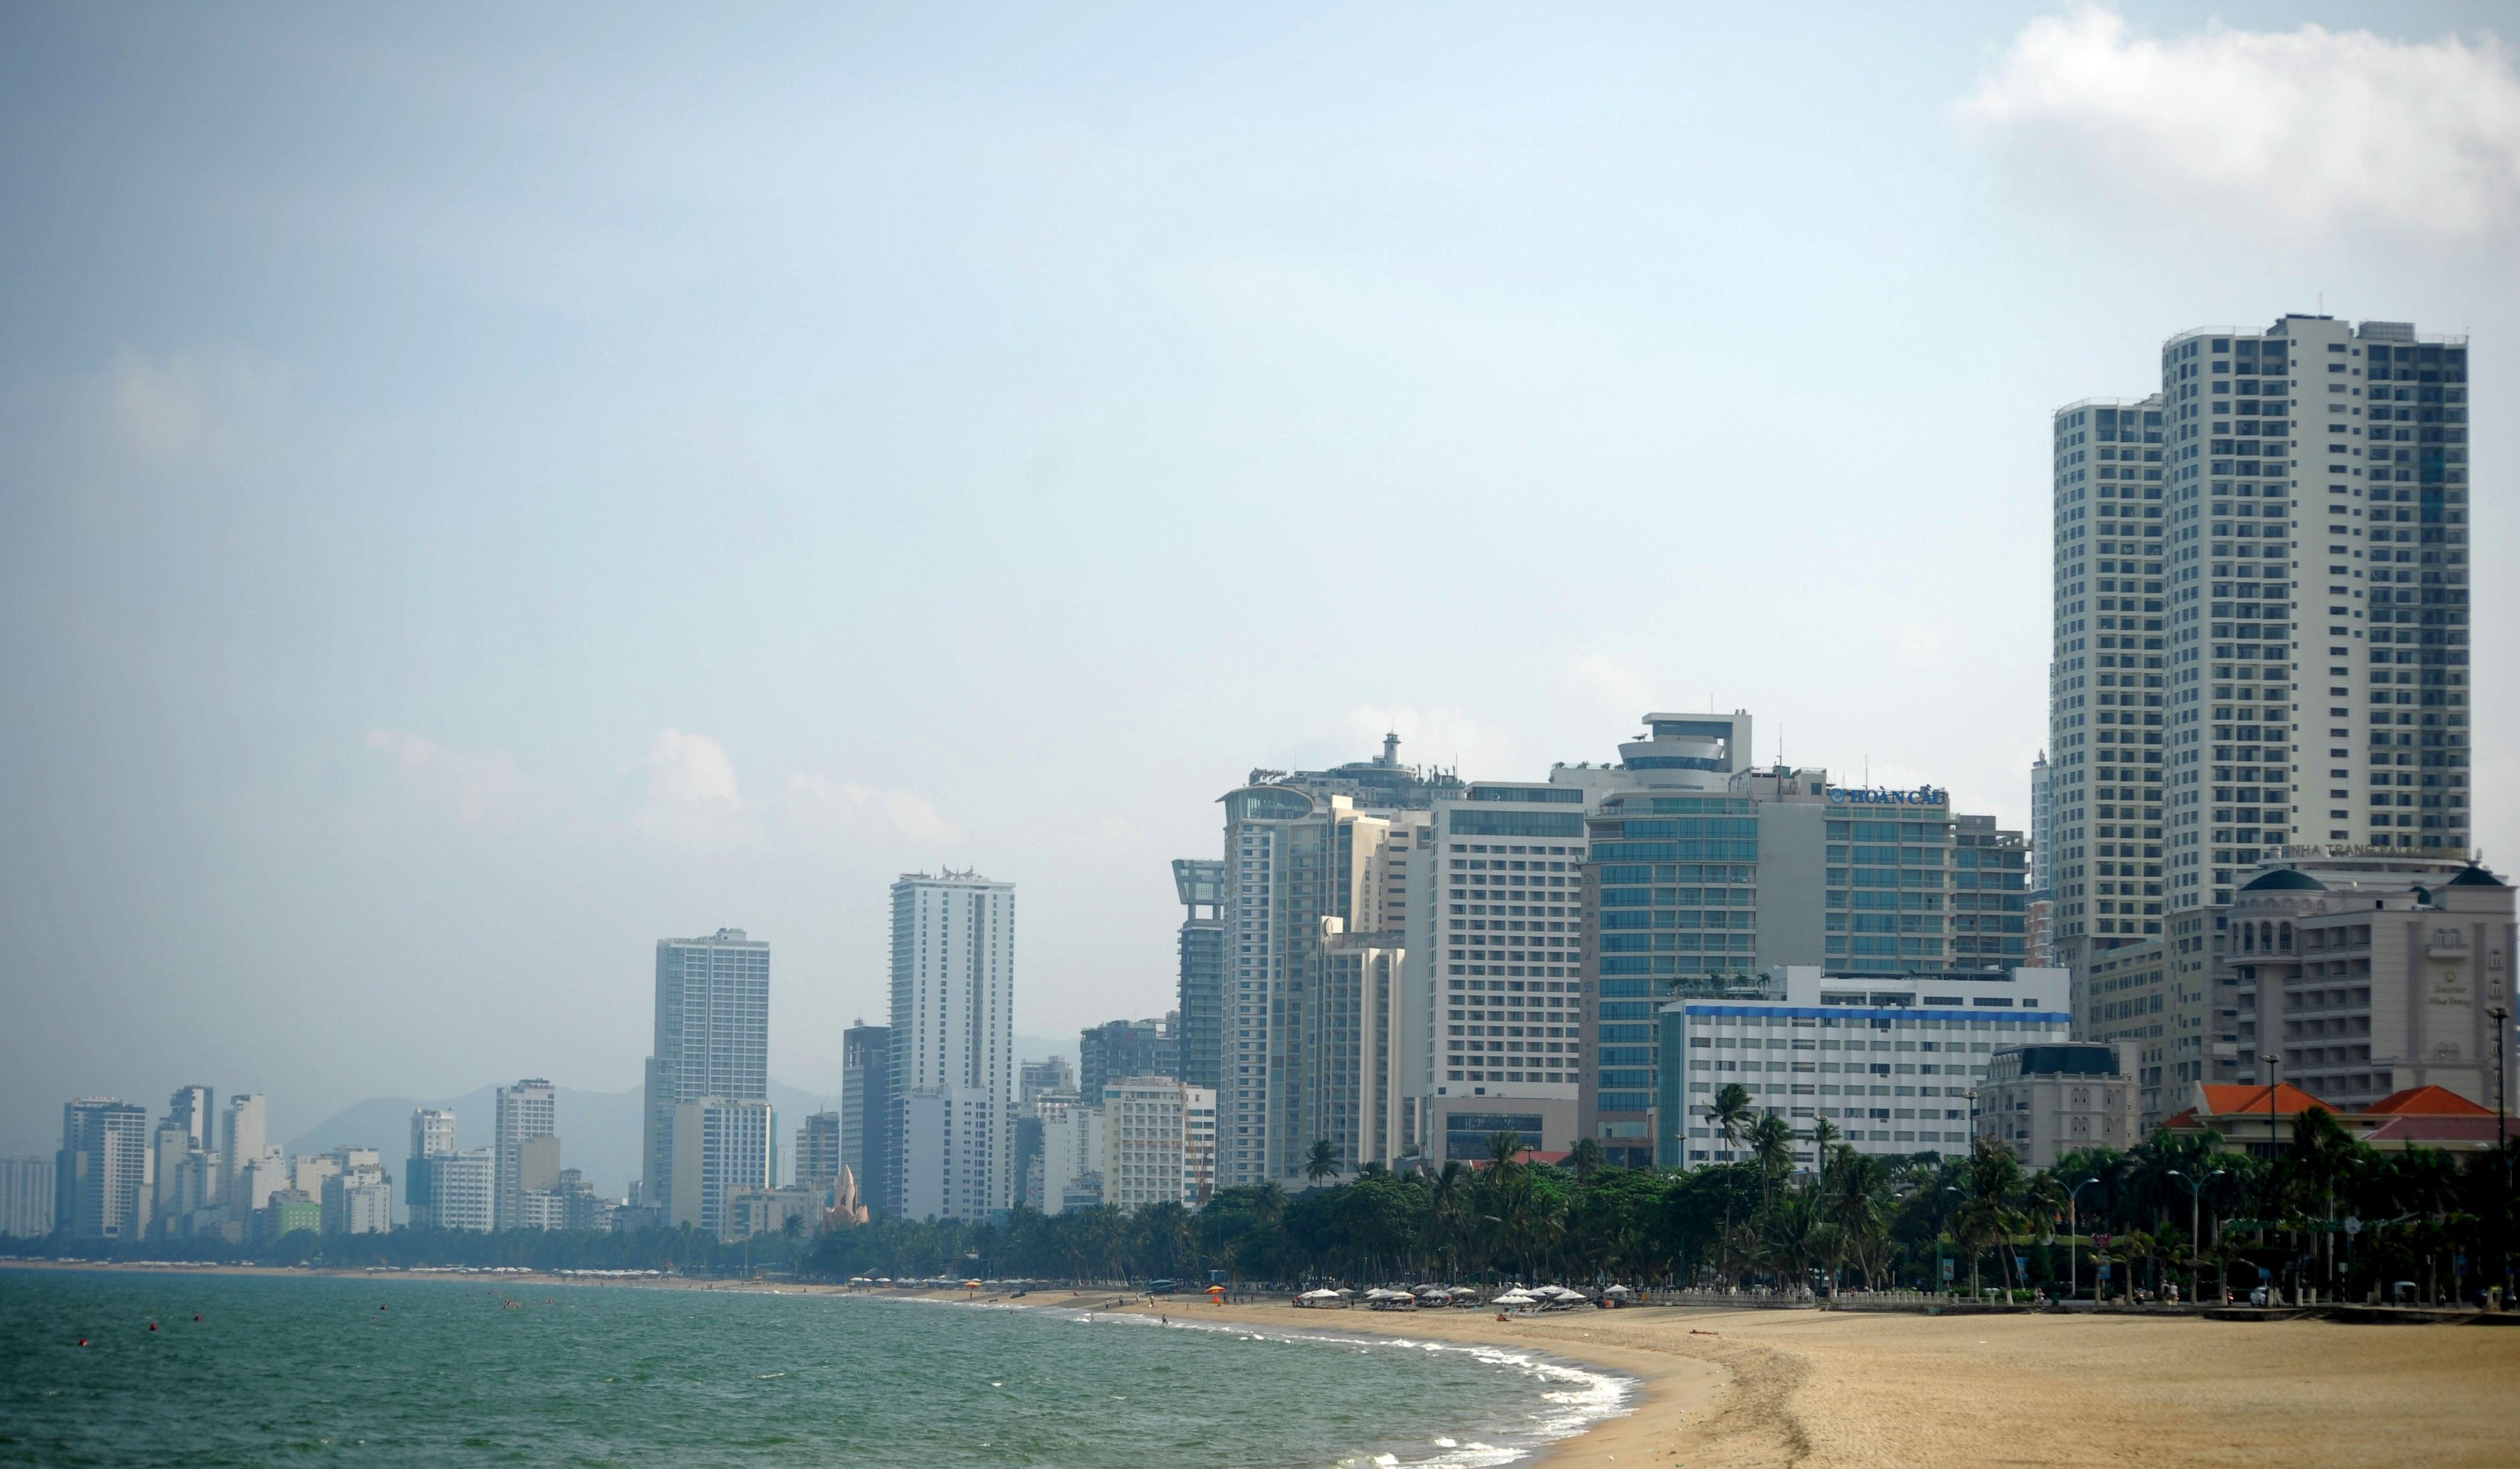 Lưu ý gì về pháp lí khi đầu tư bất động sản nghỉ dưỡng ven biển? - Ảnh 1.